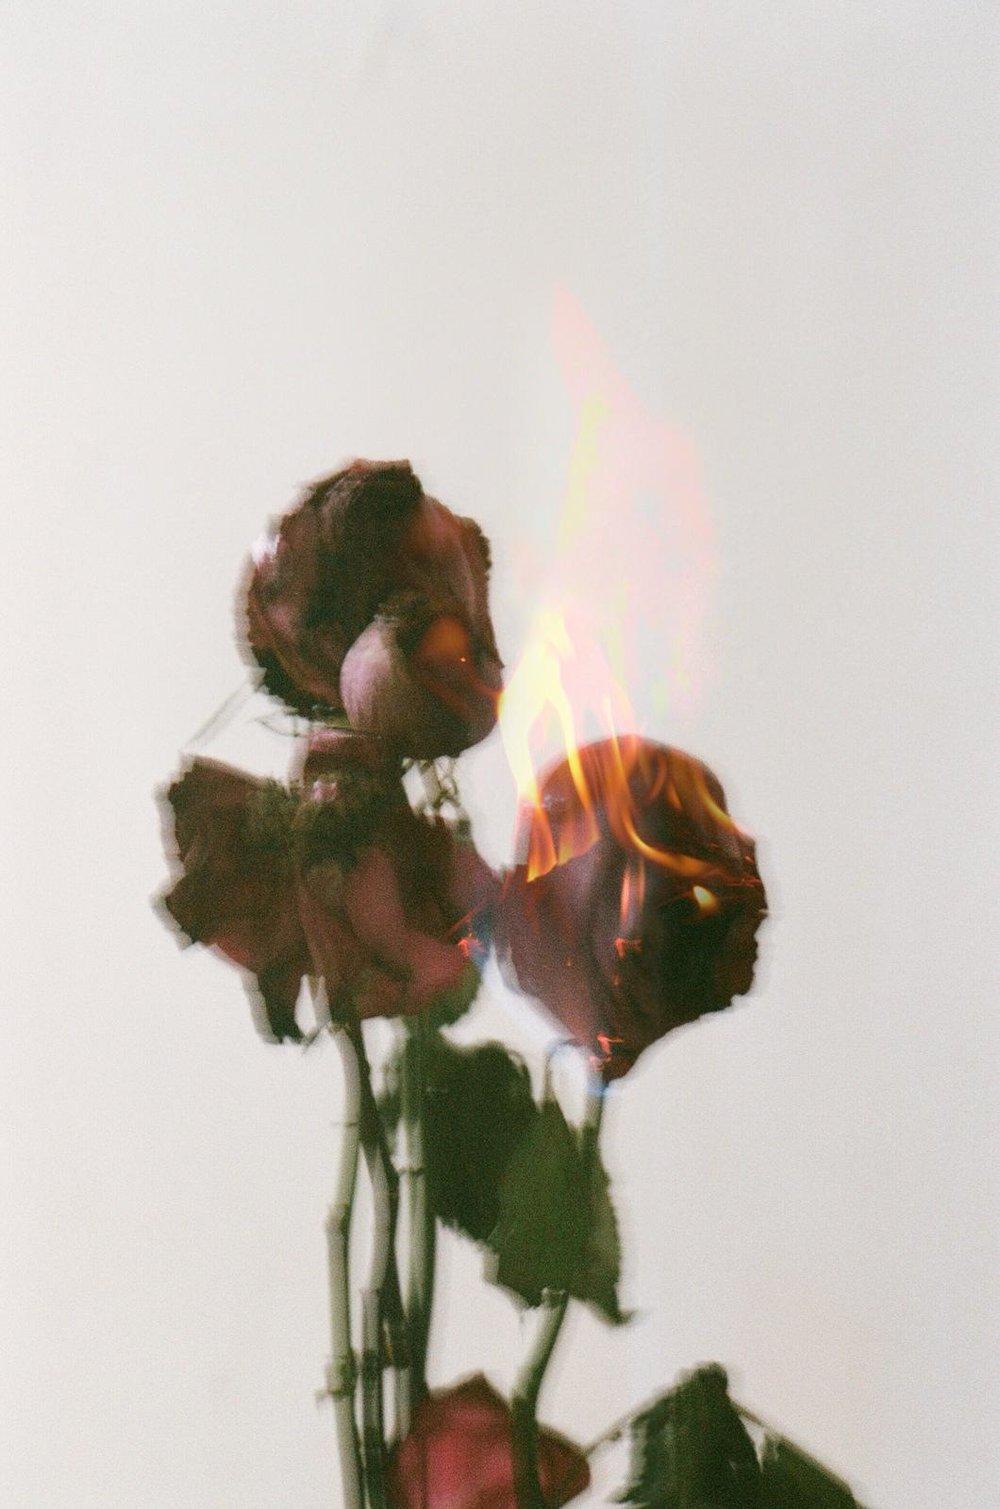 「我現在覺得愛情是灰色。」面對感情煩惱後拍下灰色的愛情。 ©Lean Lui